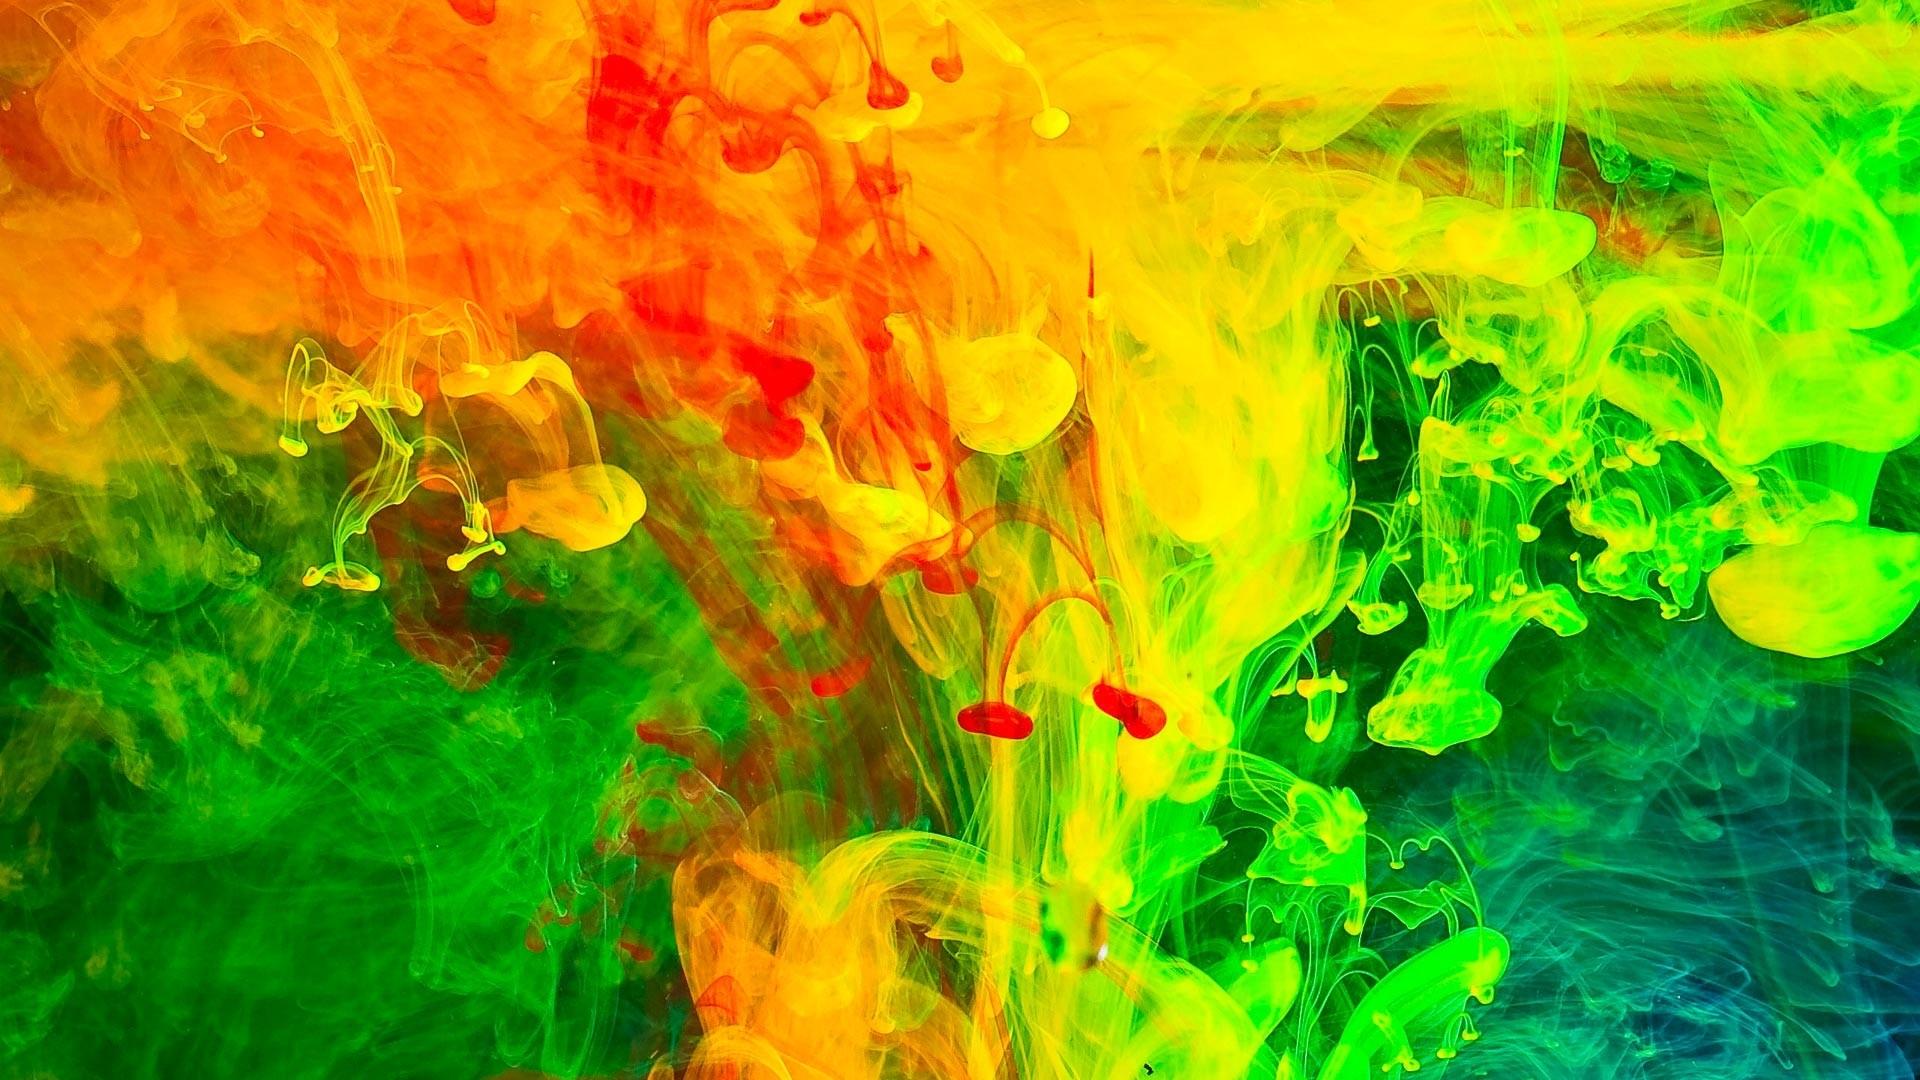 Paint Splash Desktop Wallpaper